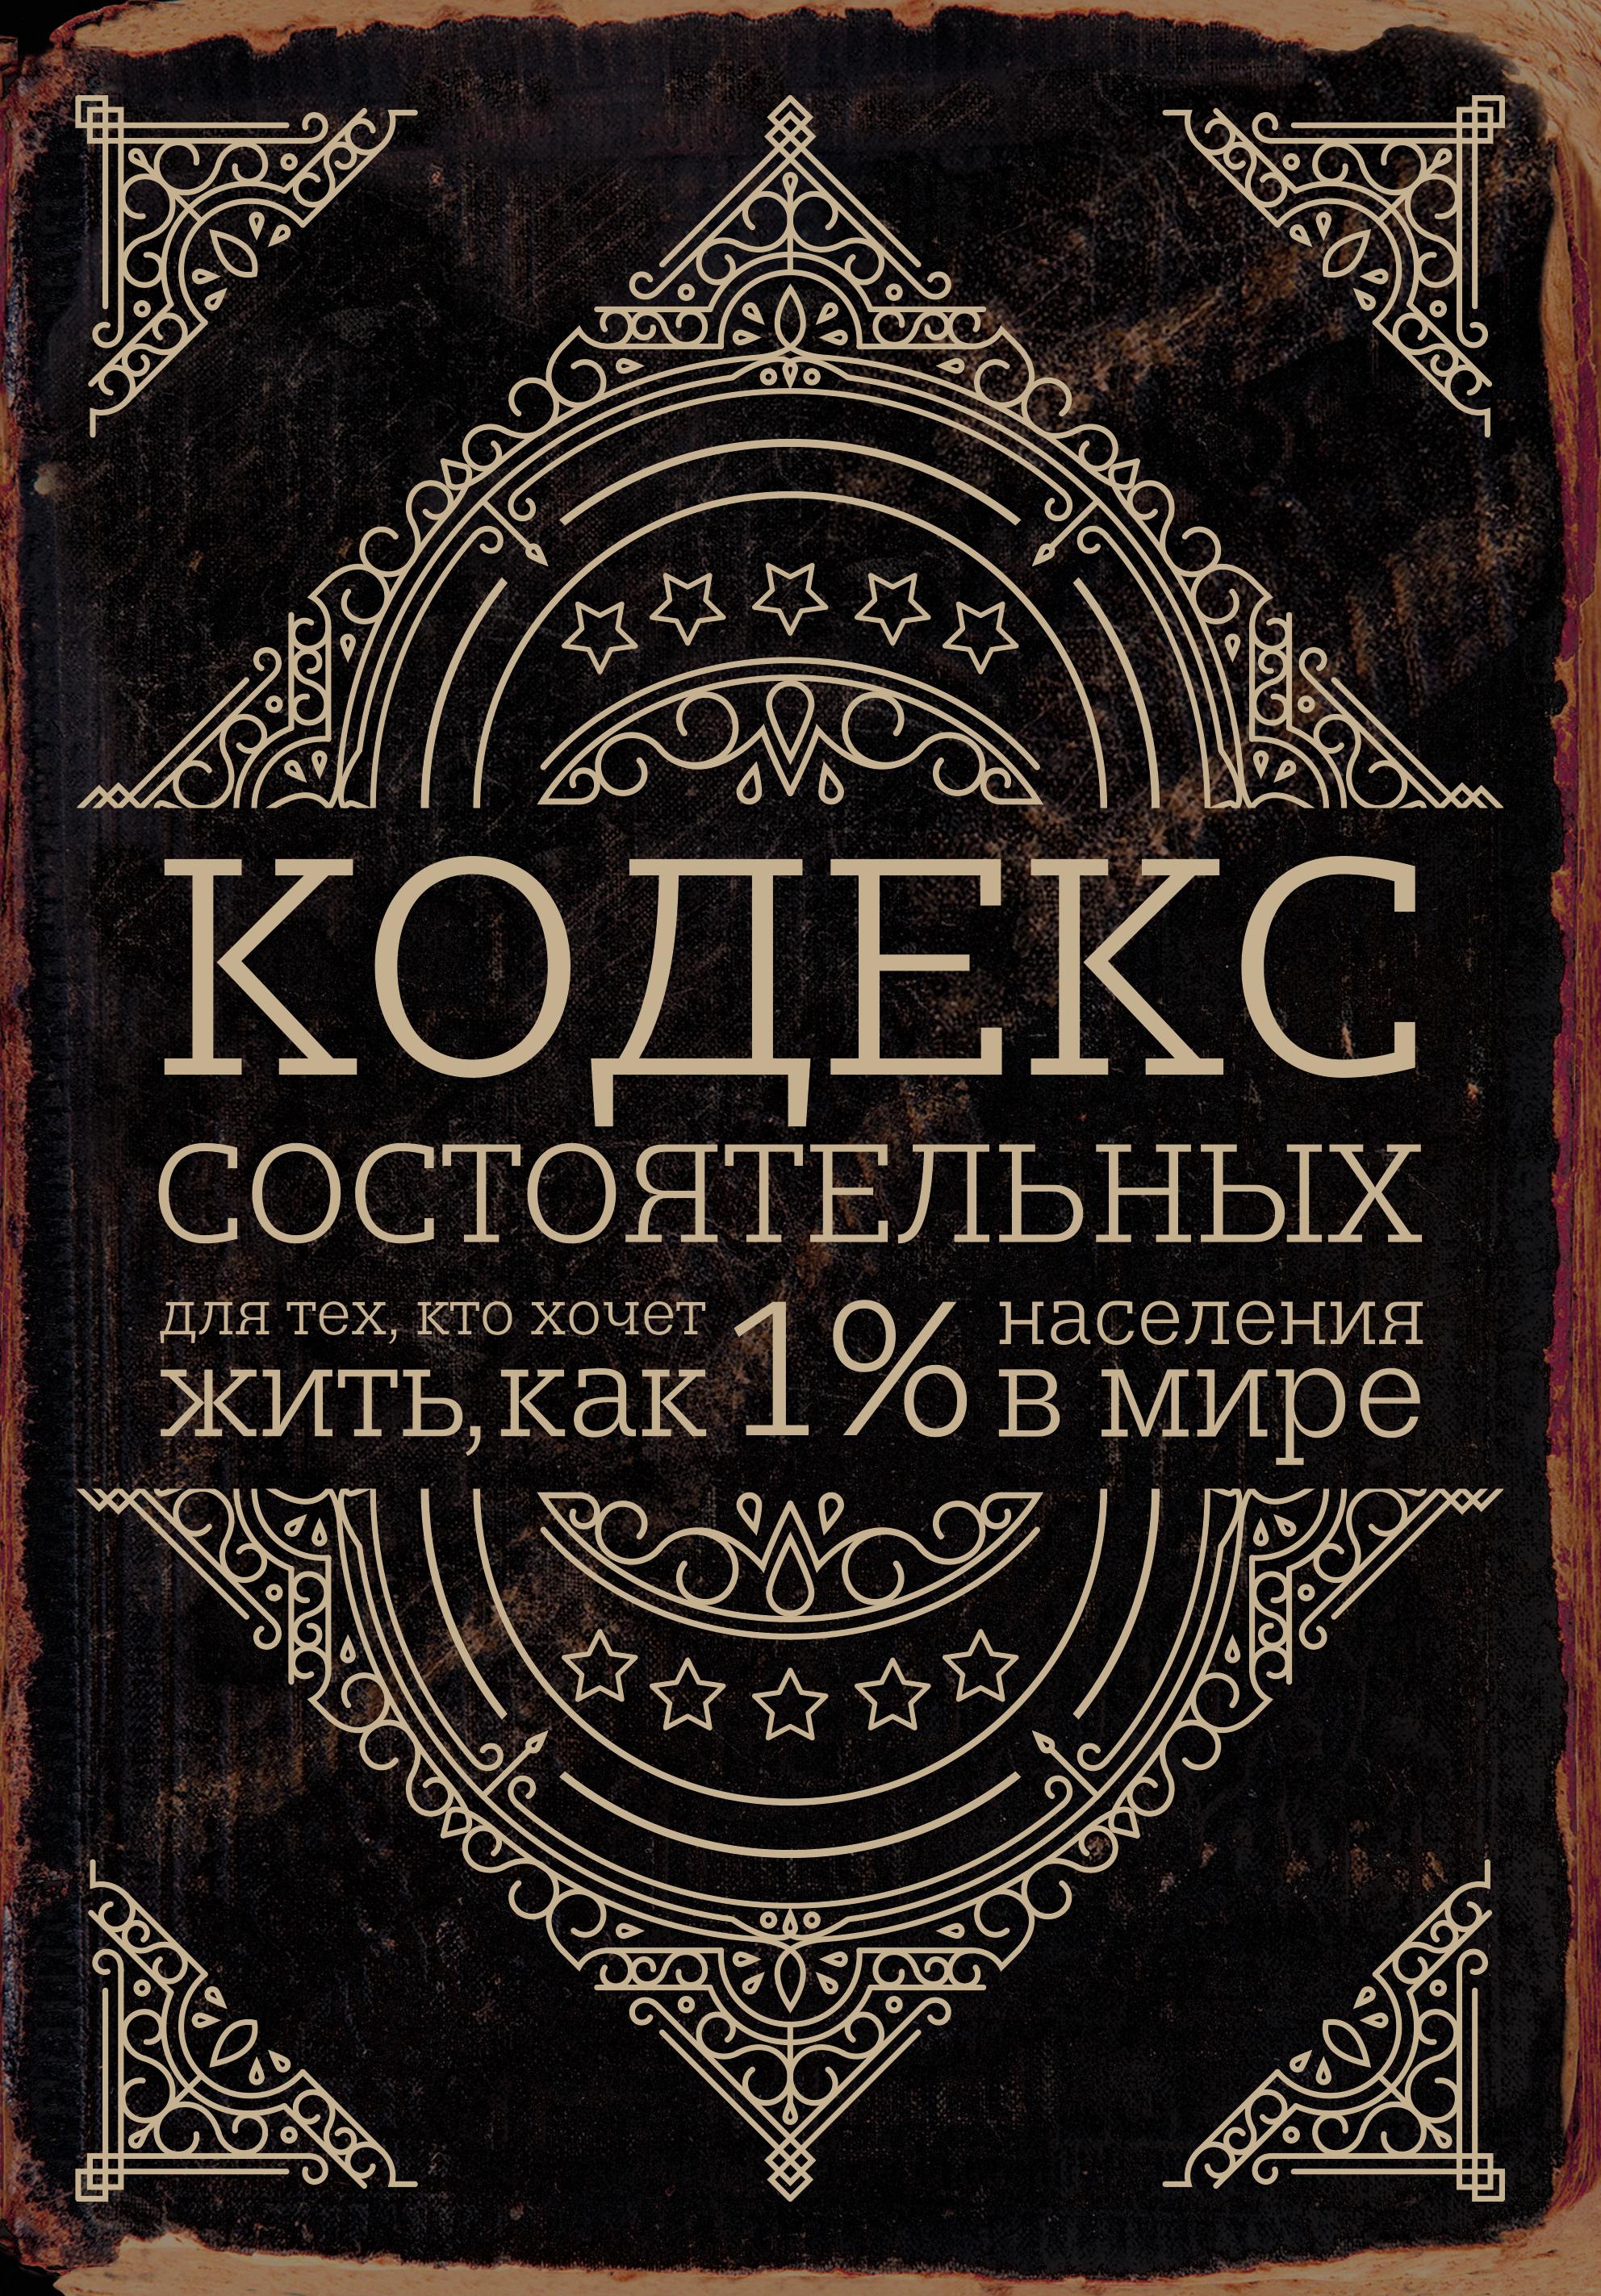 Обложка книги. Автор - Пол Салливан